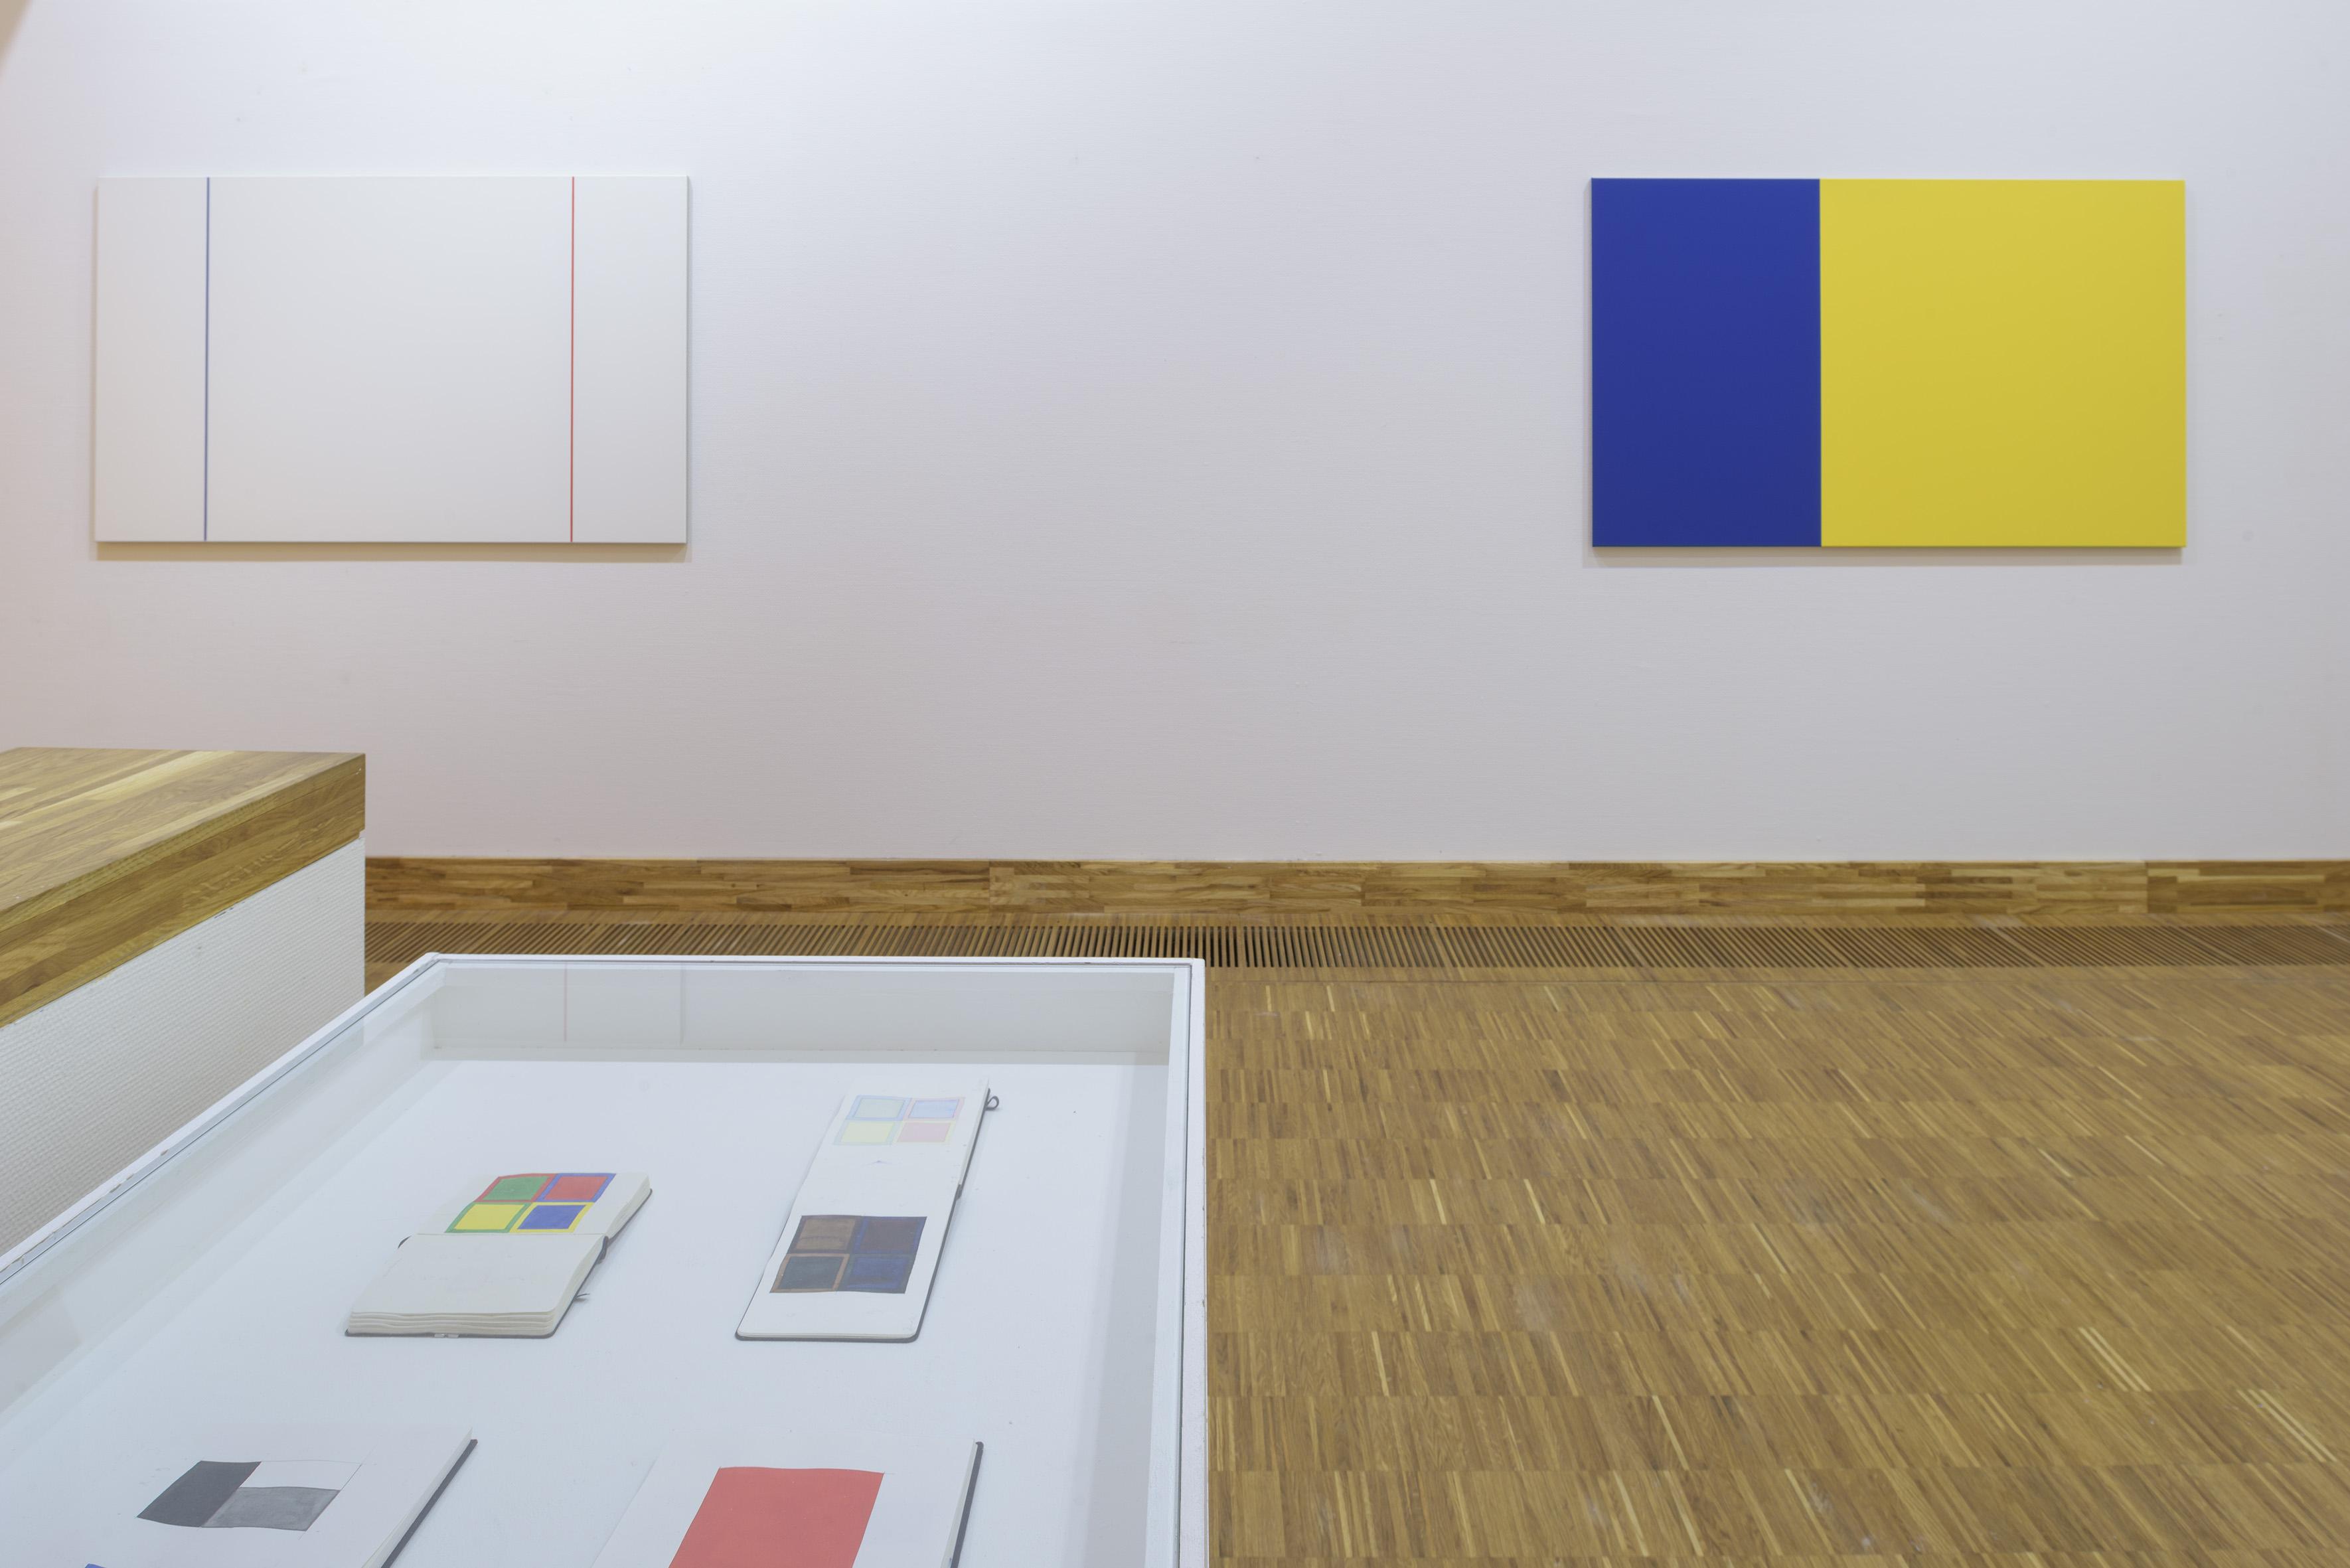 Zaaloverzicht De kleuren van De Stijl met werk Steven Aalders